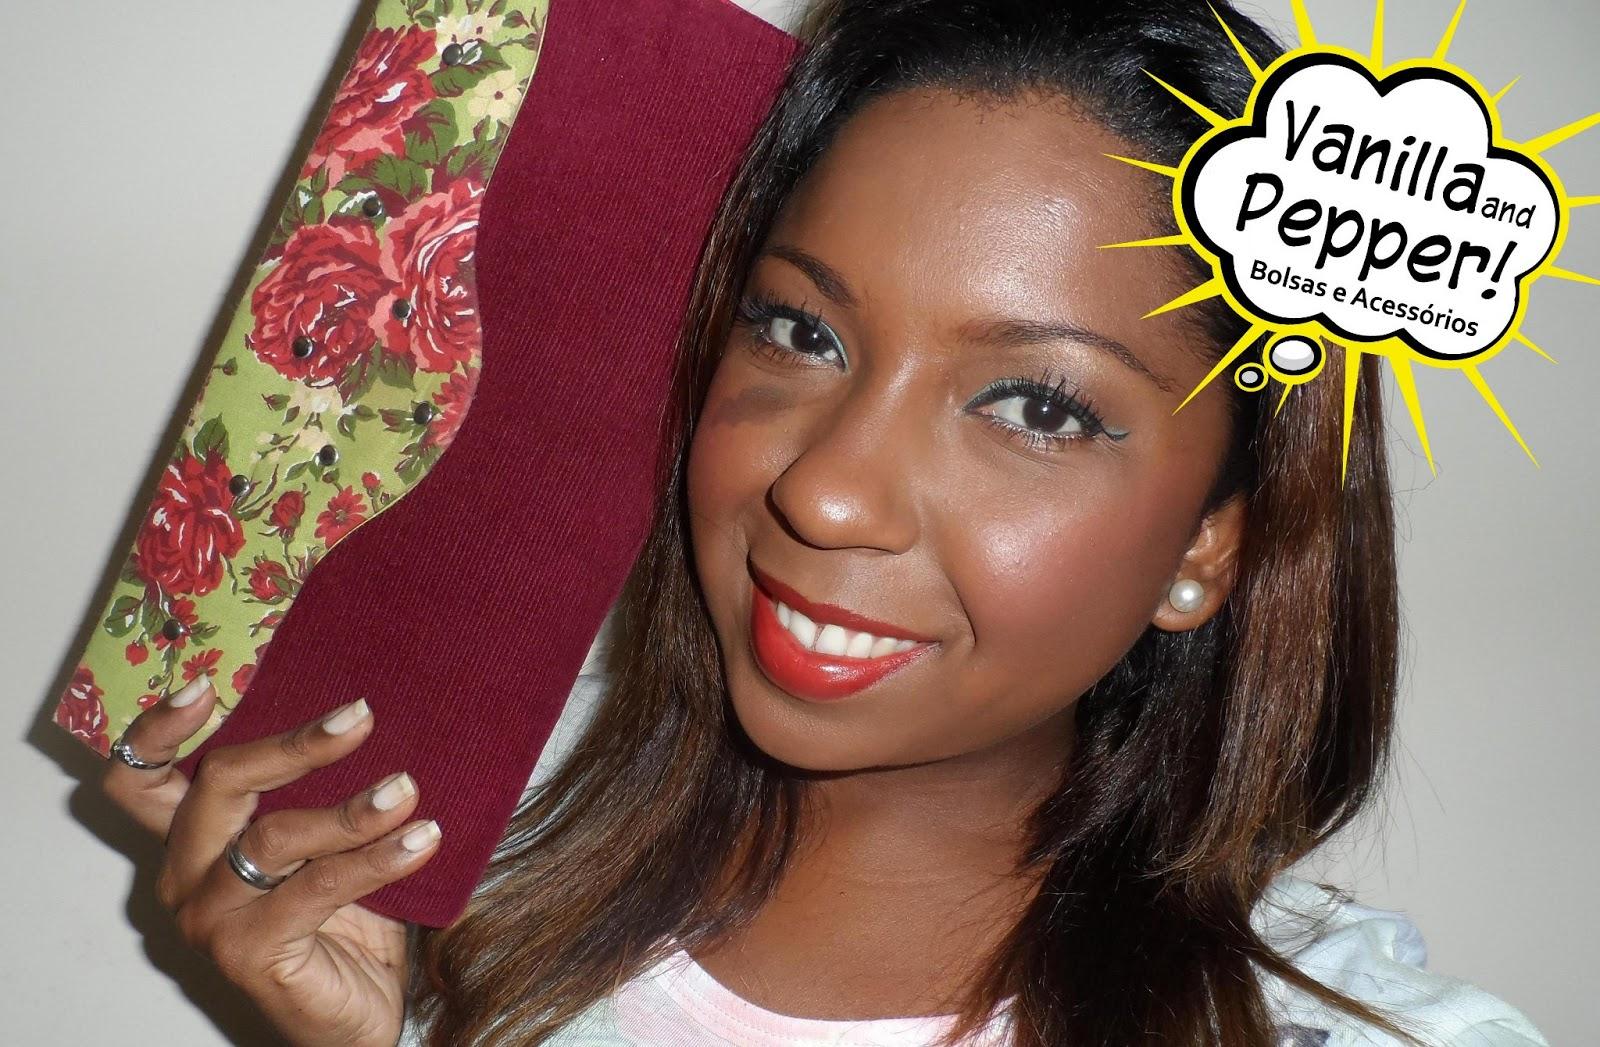 Maquiagem-Inspirada-na-Bolsa-Carteita-Vanilla-and-Pepper-Maquiagens-que-amei-em-2013